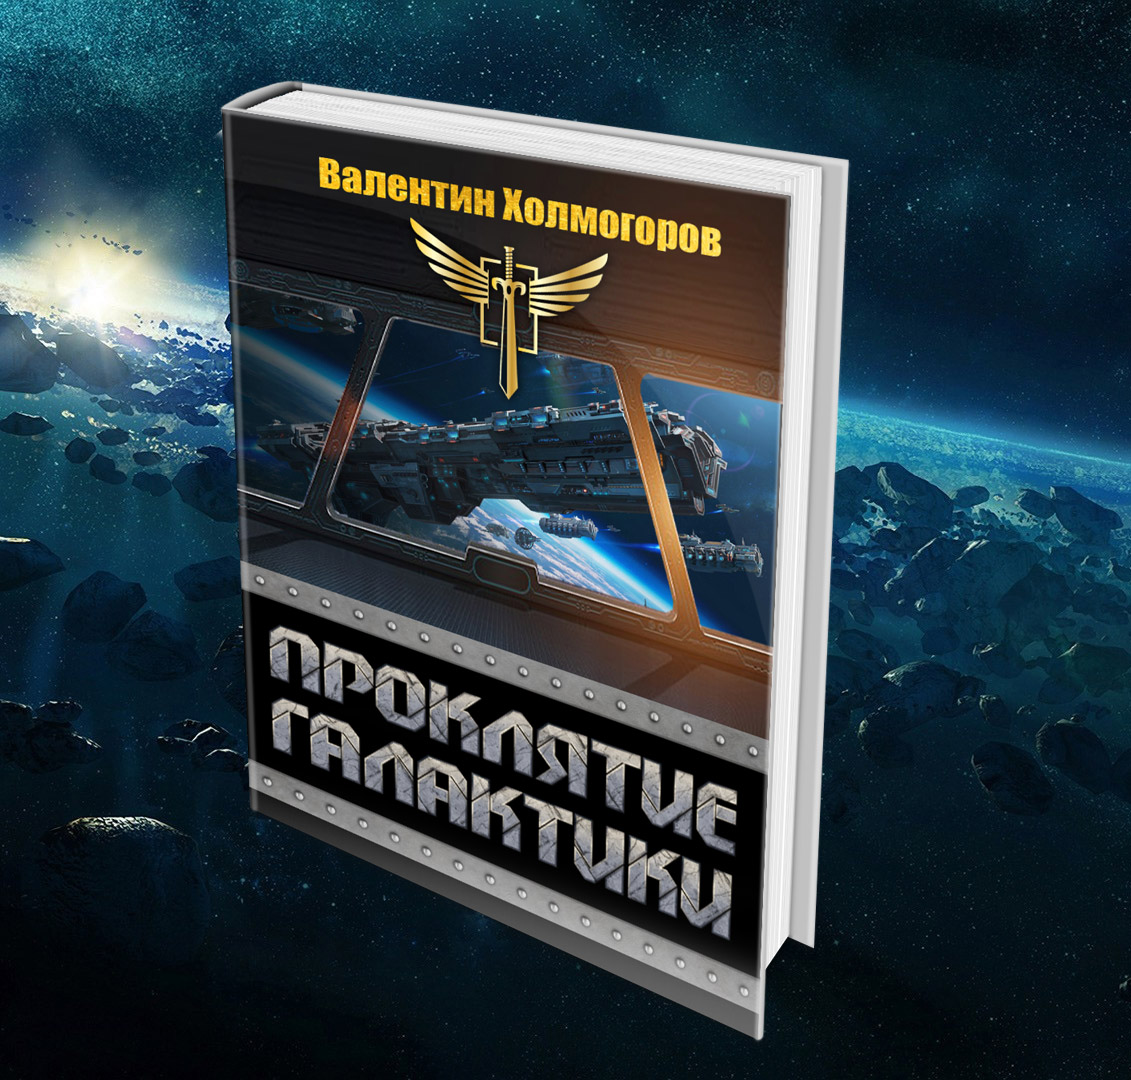 Проклятие Галактики Валентин Холмогоров